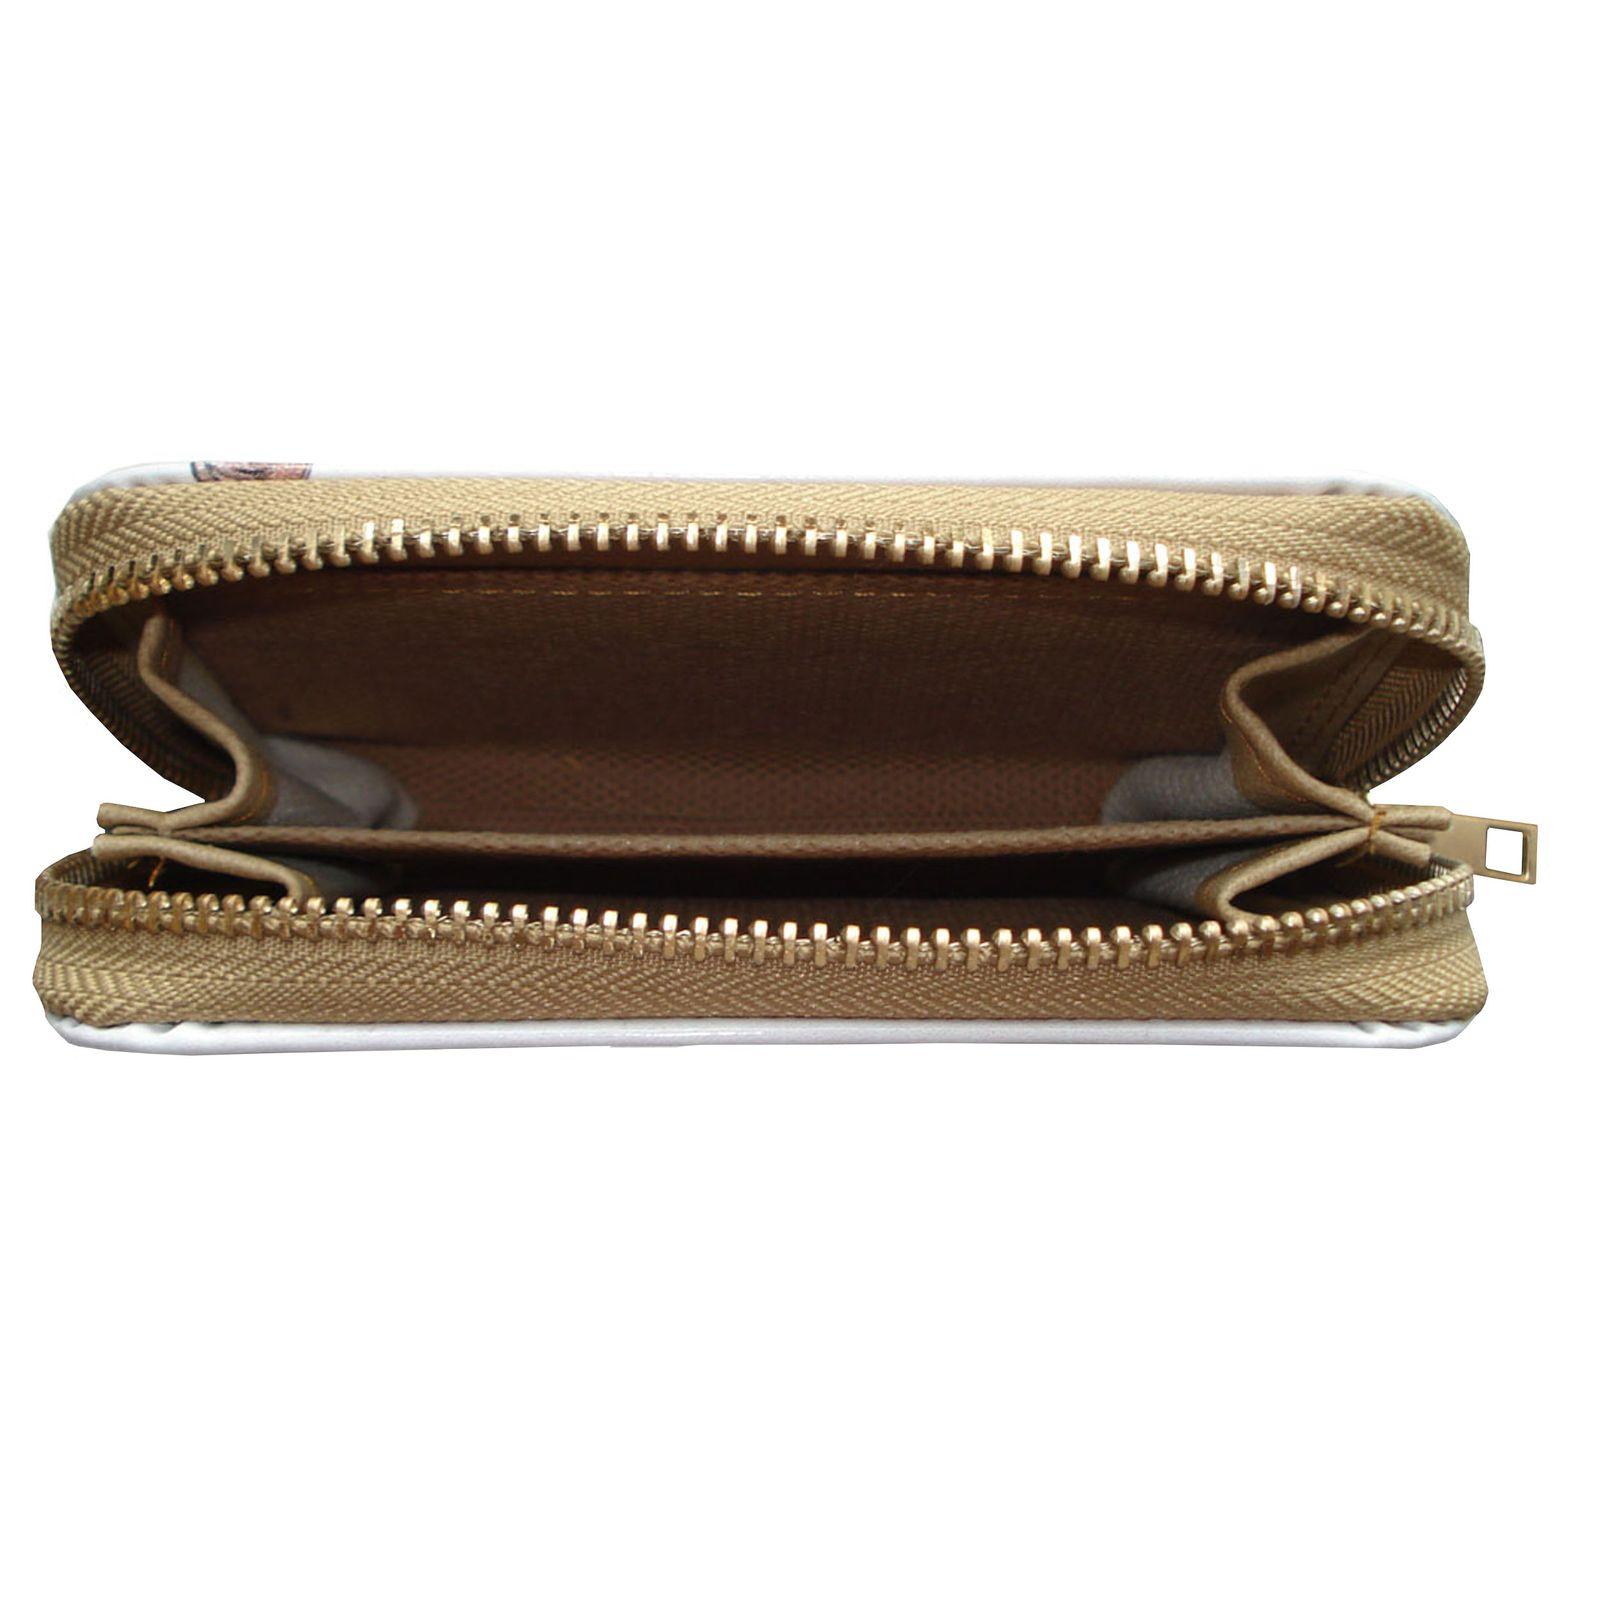 کیف پول دخترانه مدل DLG-005 -  - 1